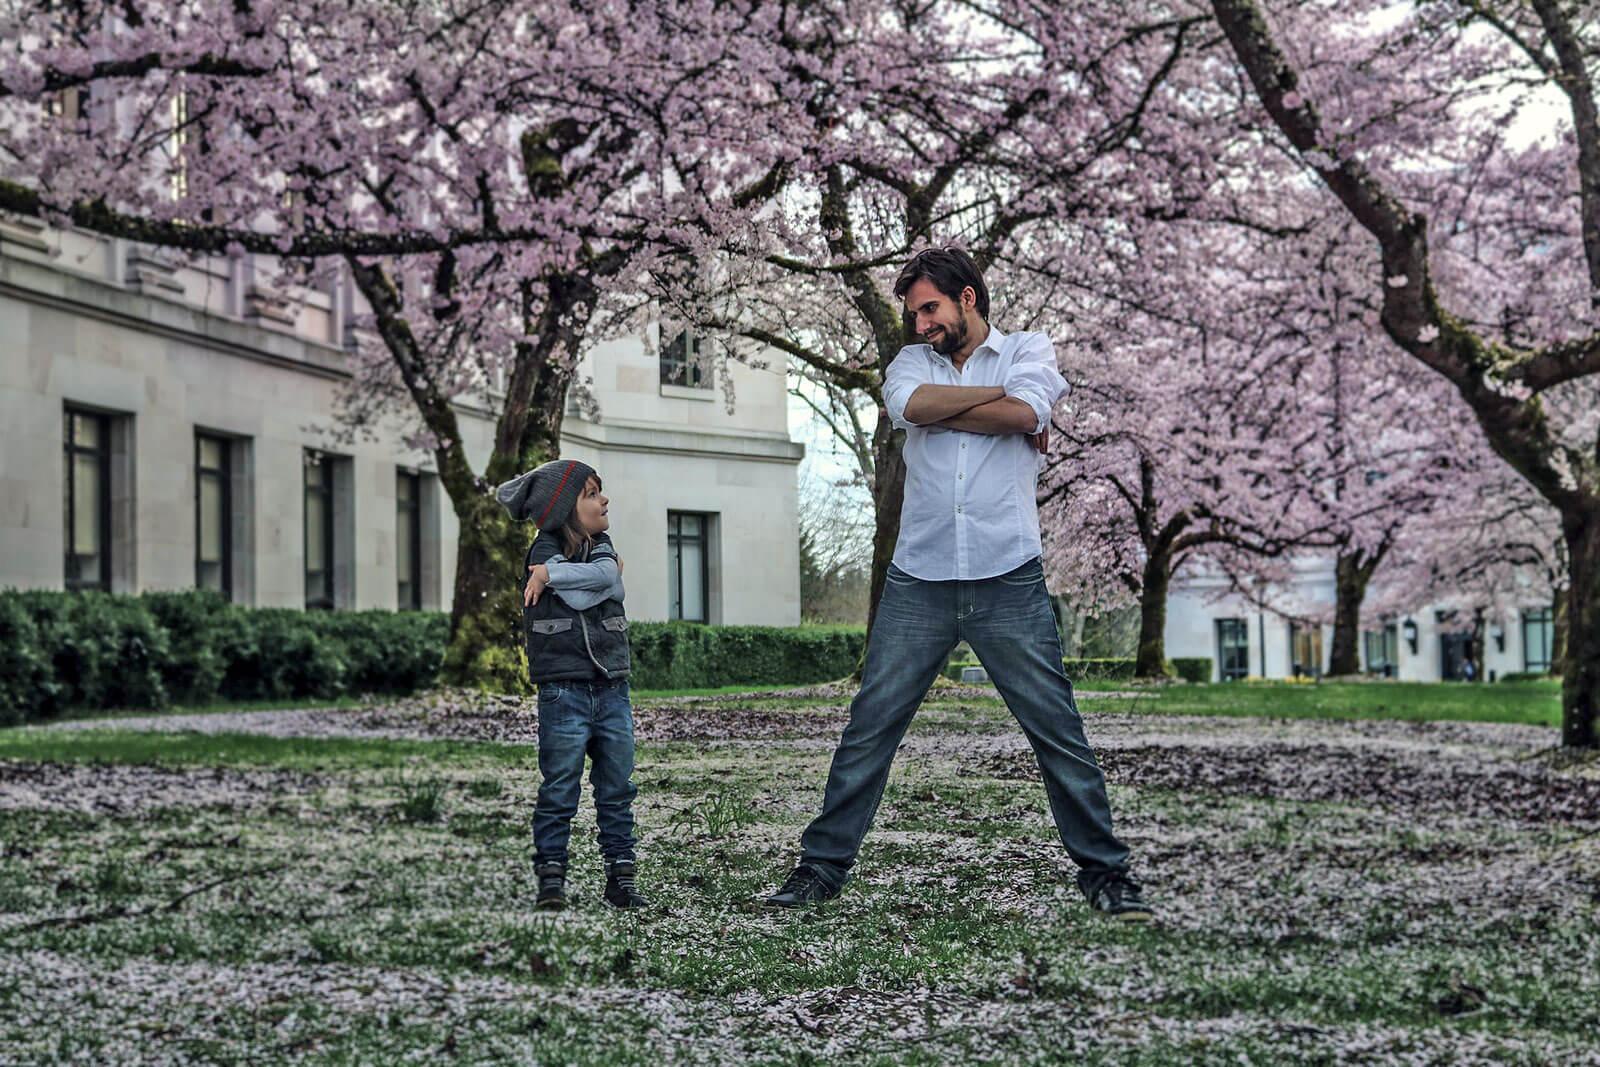 Pai e filho, de braços cruzados, num jardim com cerejeiras em flor.